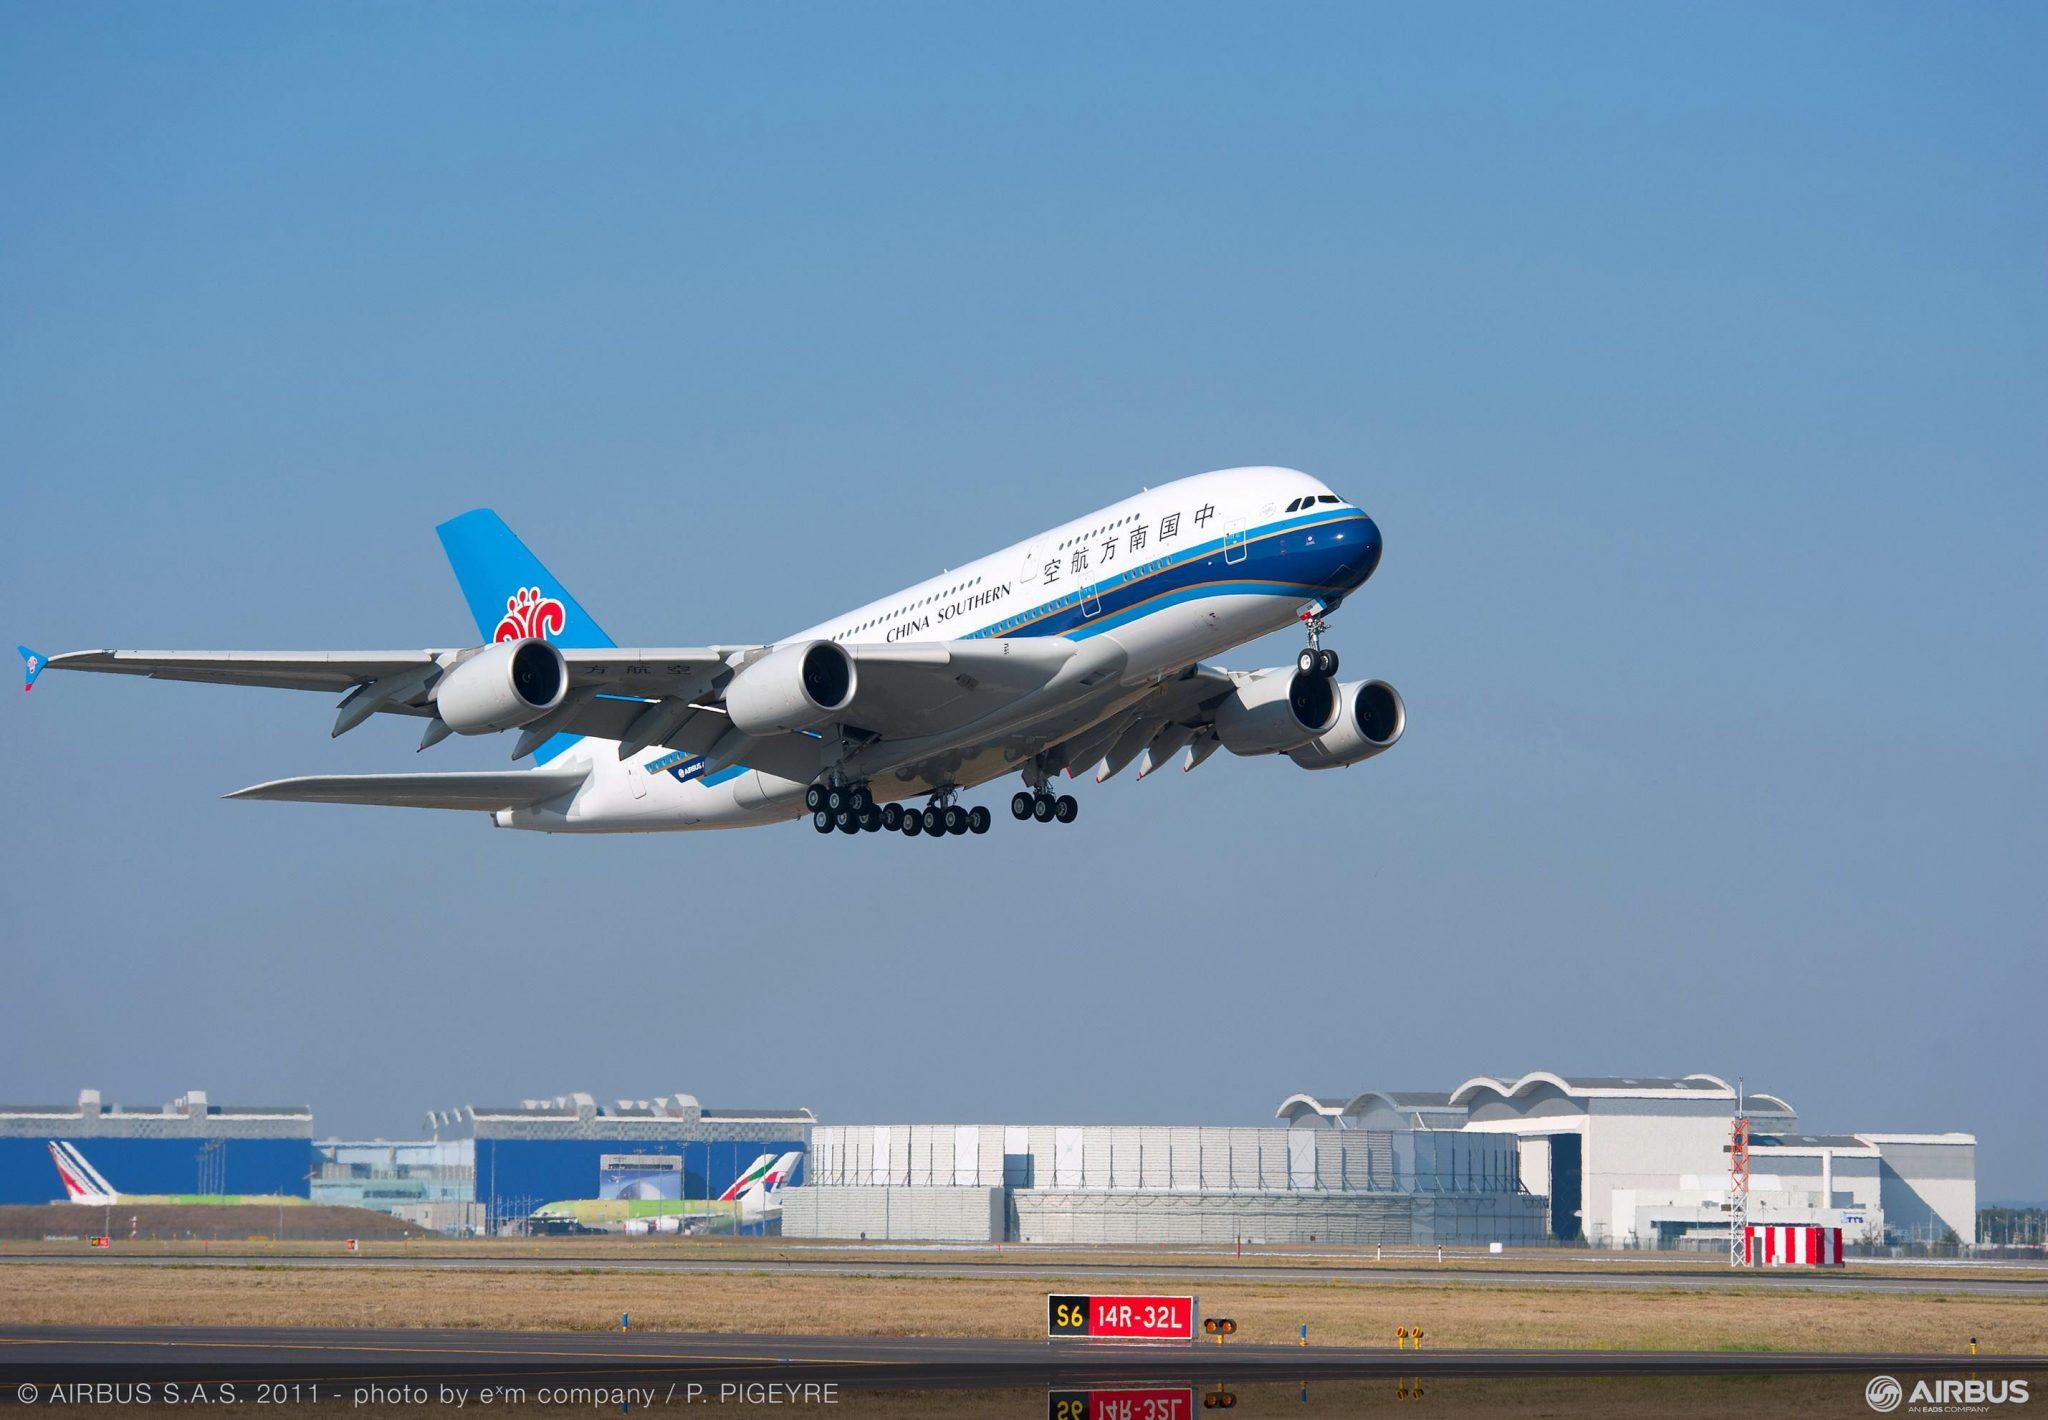 Base de China Southern Airlines en nuevo aeropuerto de Beijing se abrirá en septiembre